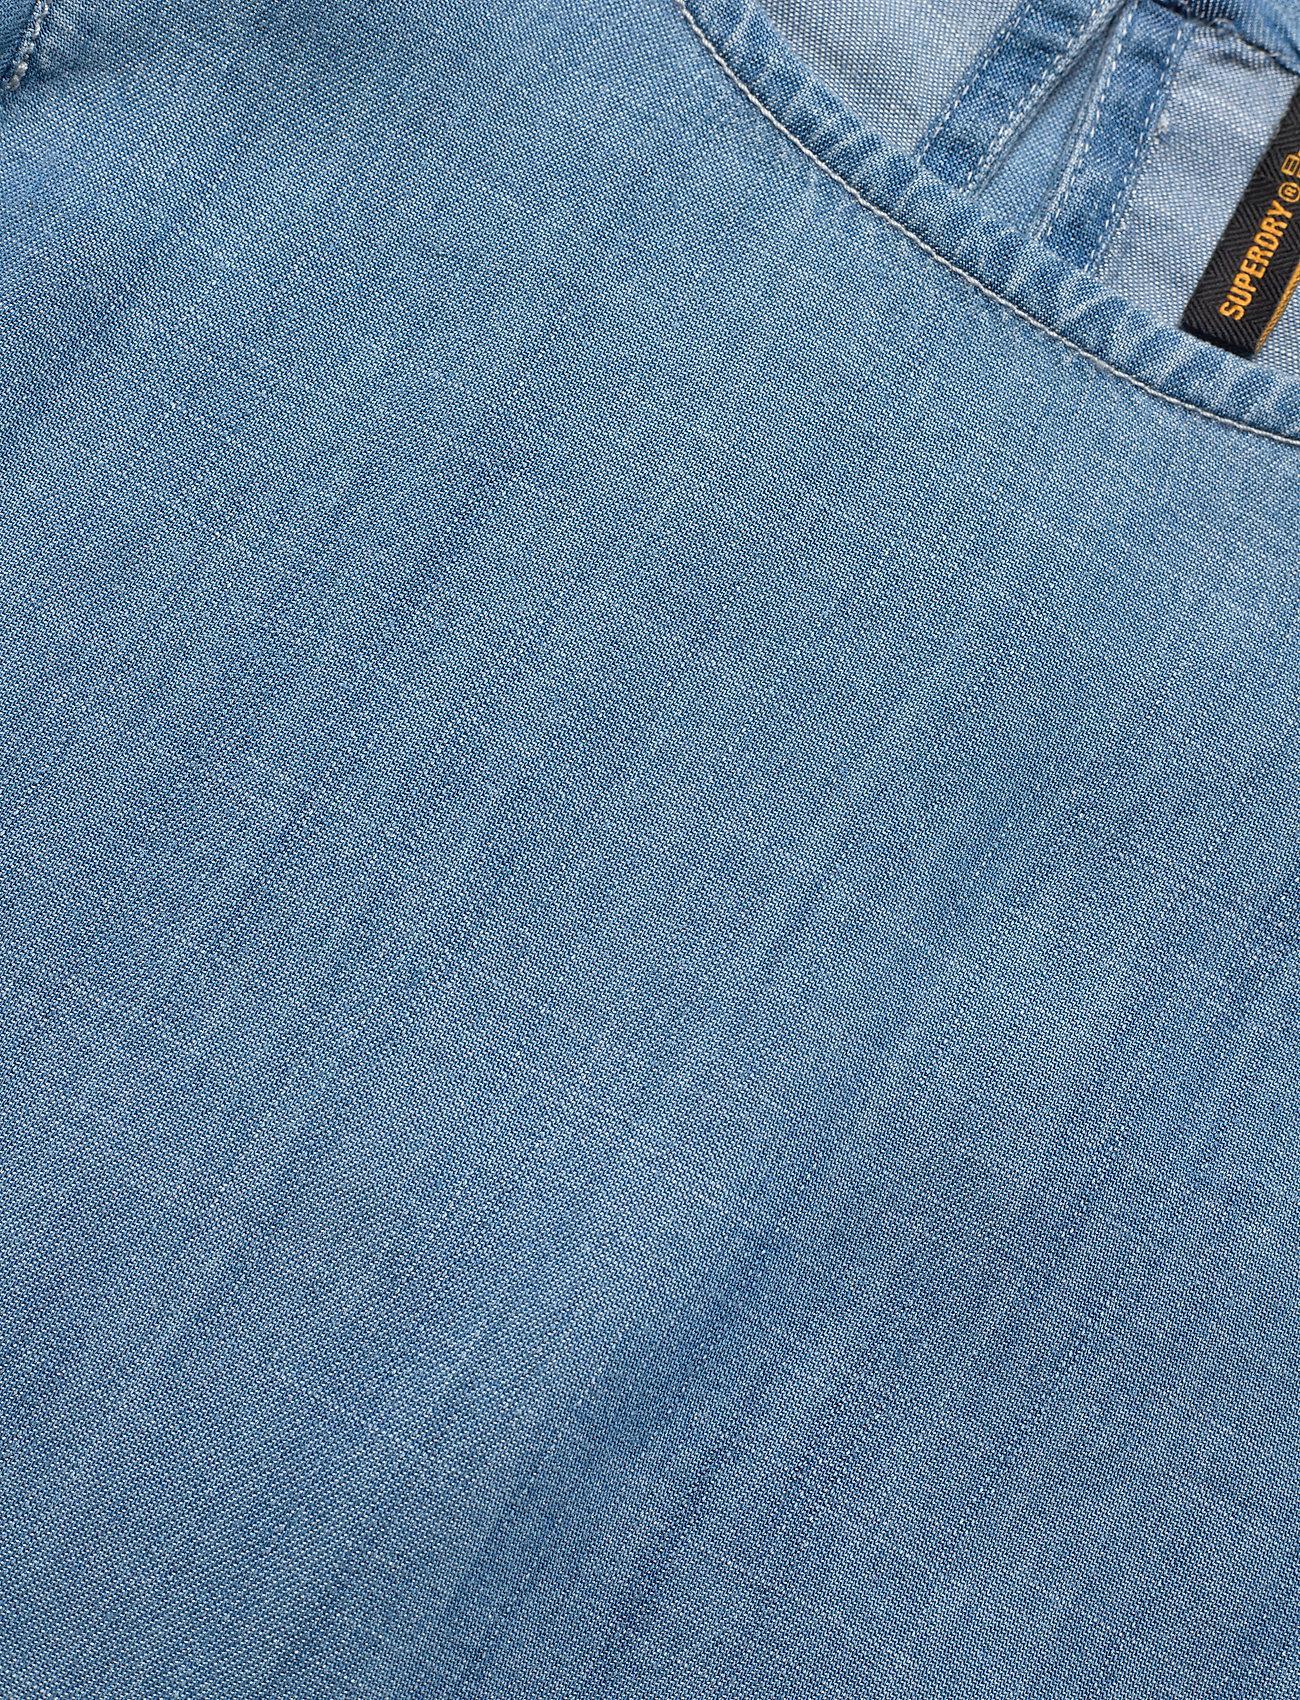 Superdry - TENCEL TSHIRT DRESS - midi dresses - light wash - 2